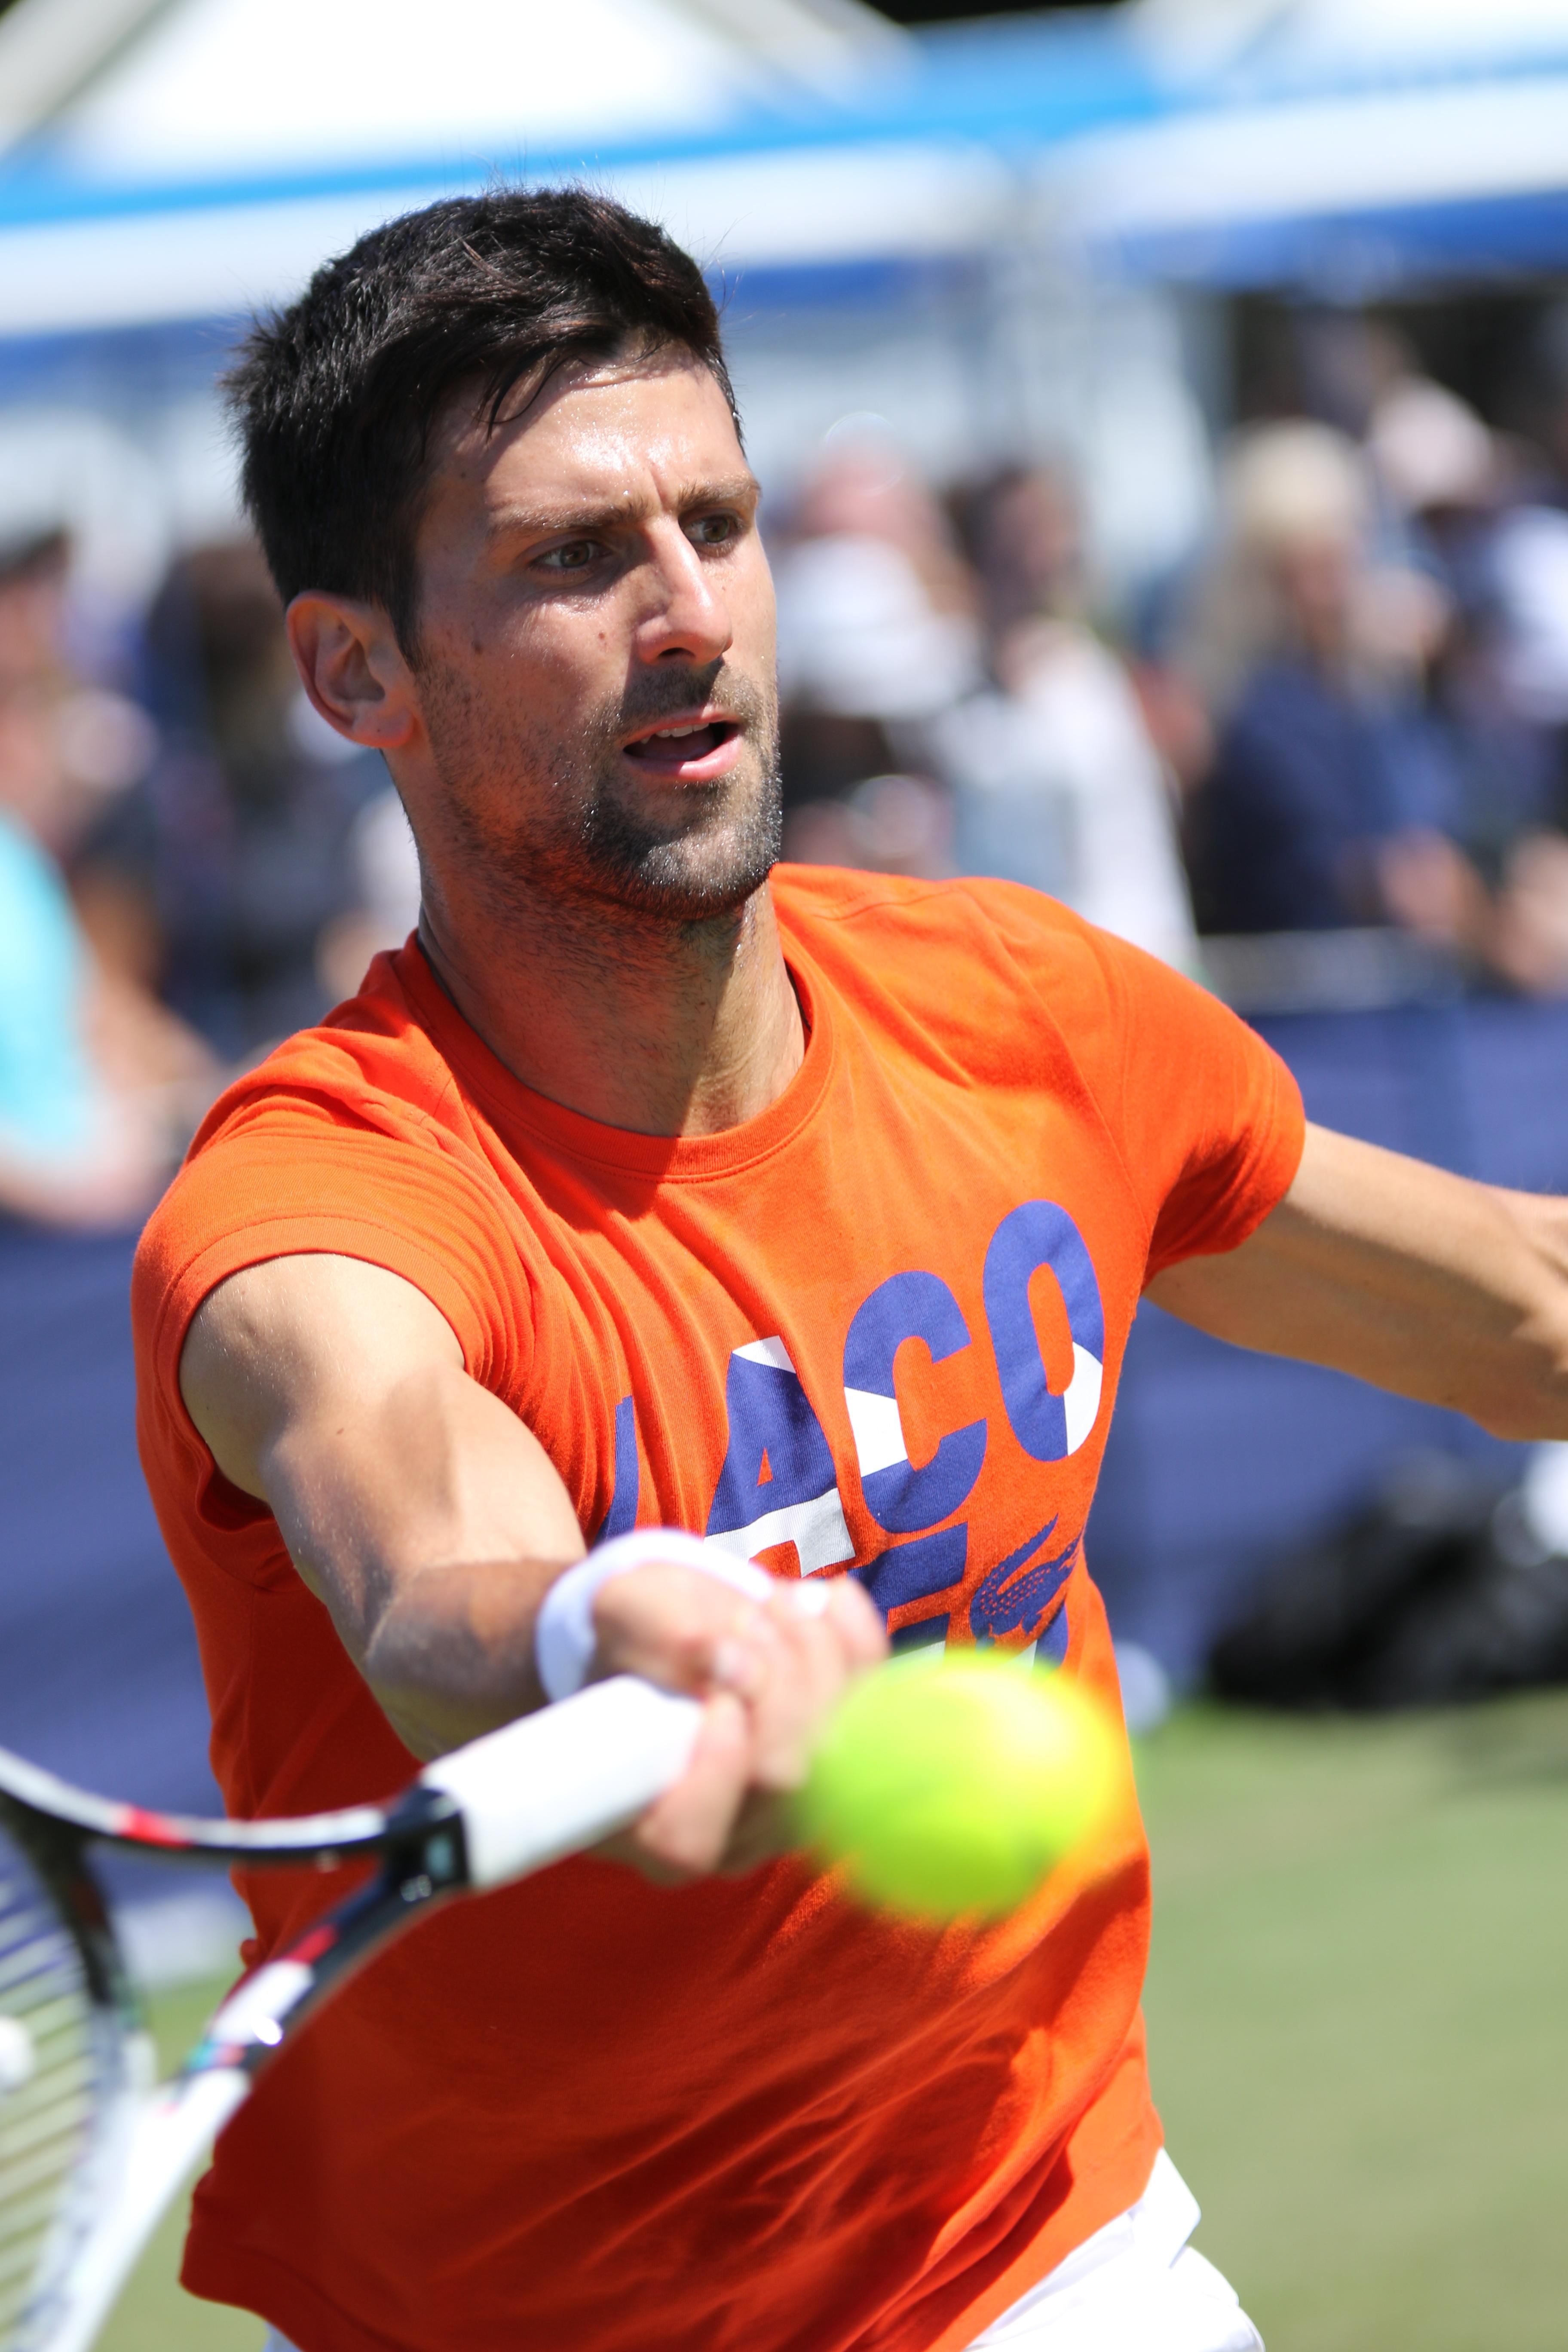 tokyo open tennis 2020